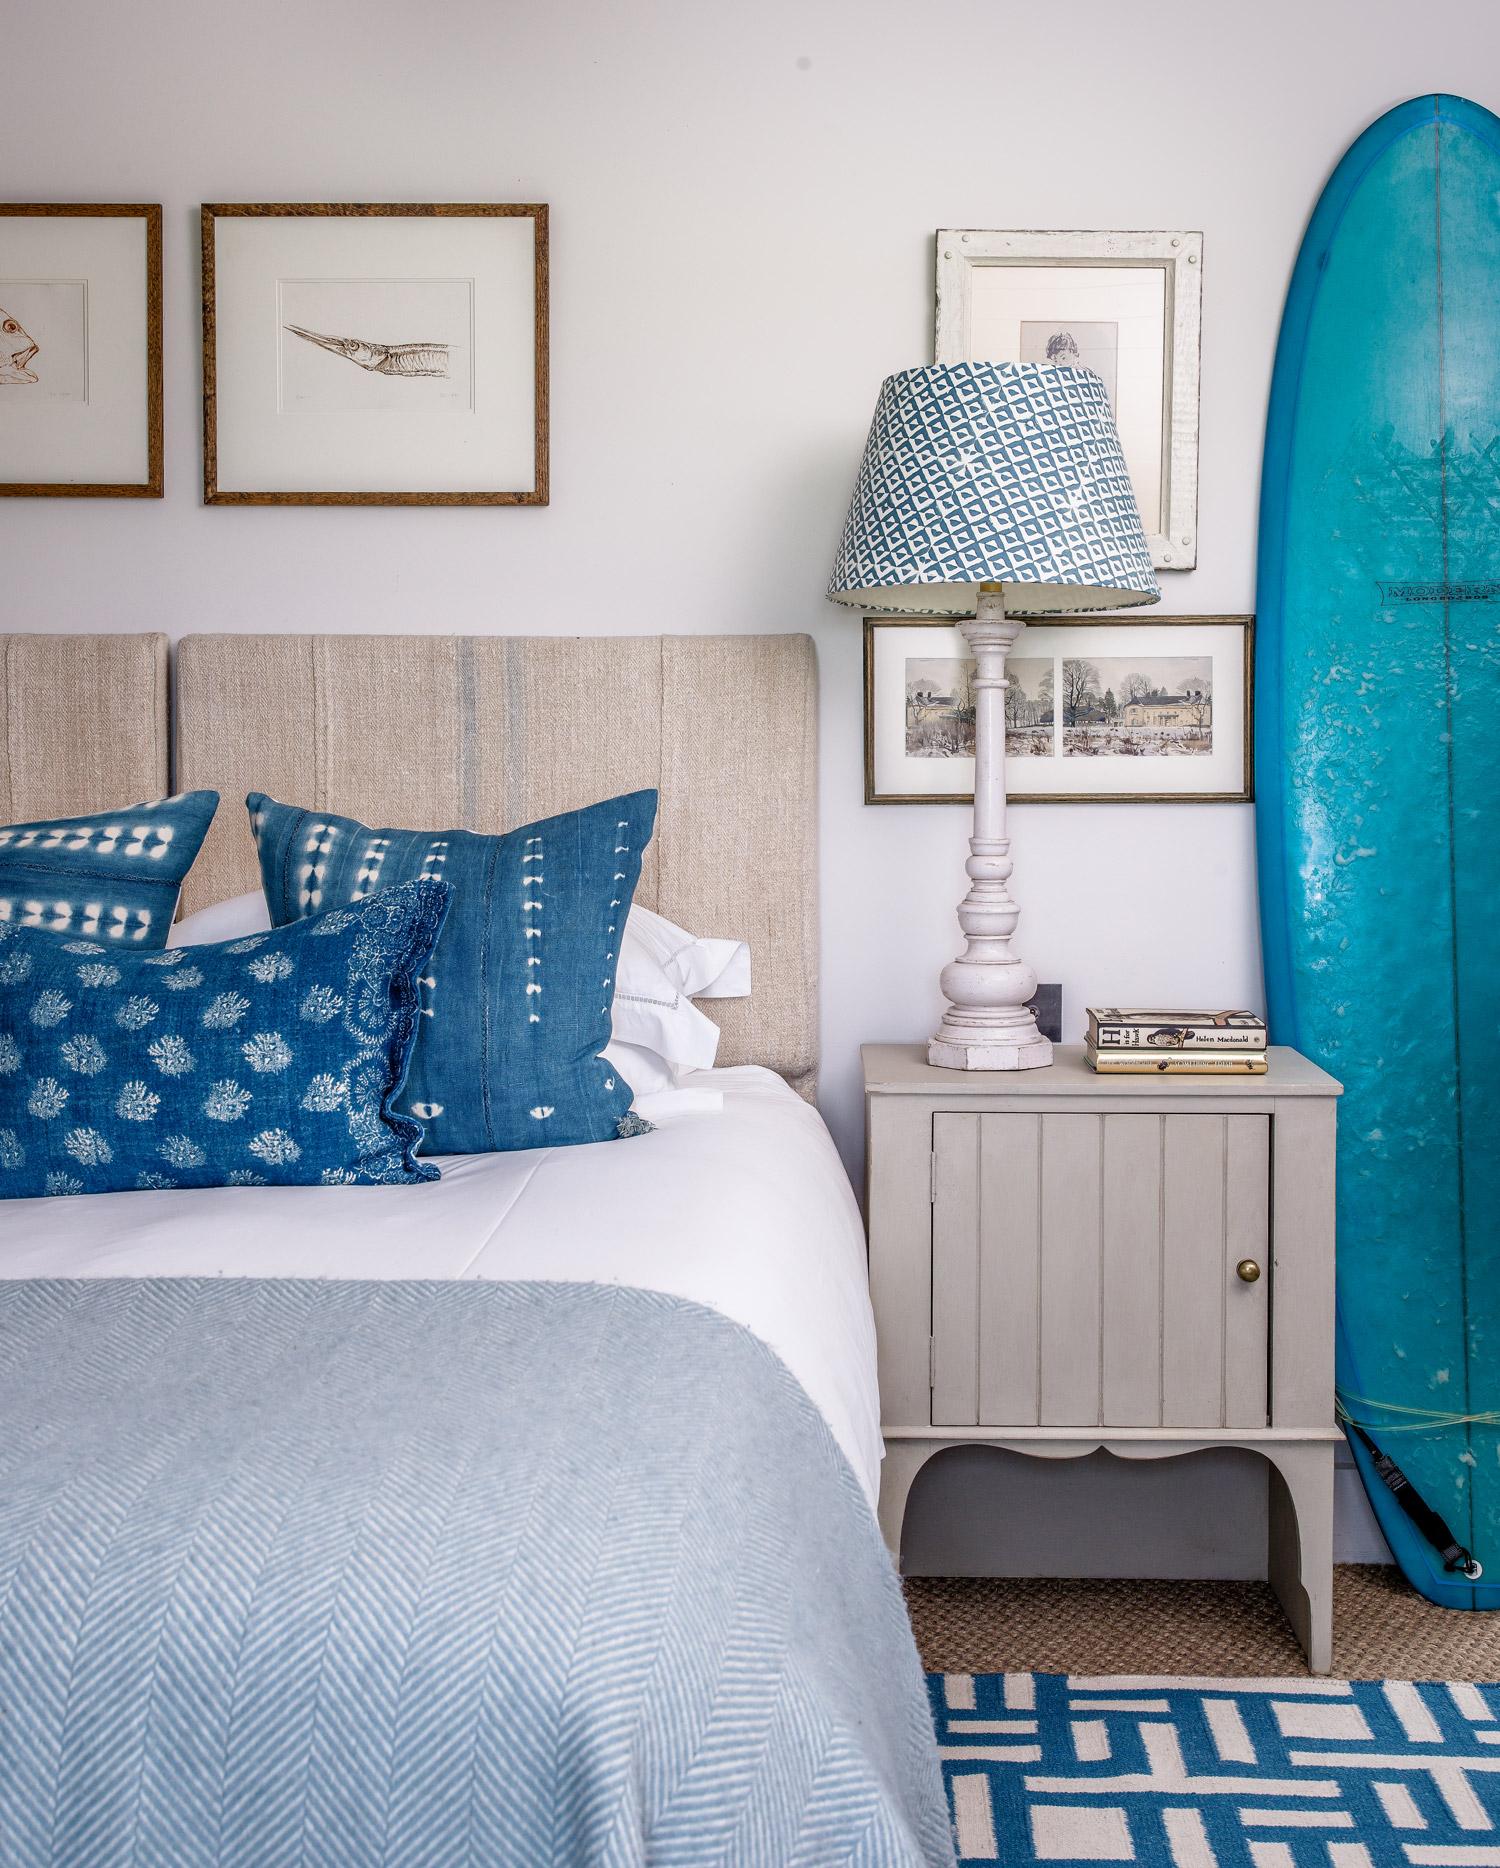 Surfer's bedroom – interior design by Eadie & Crole